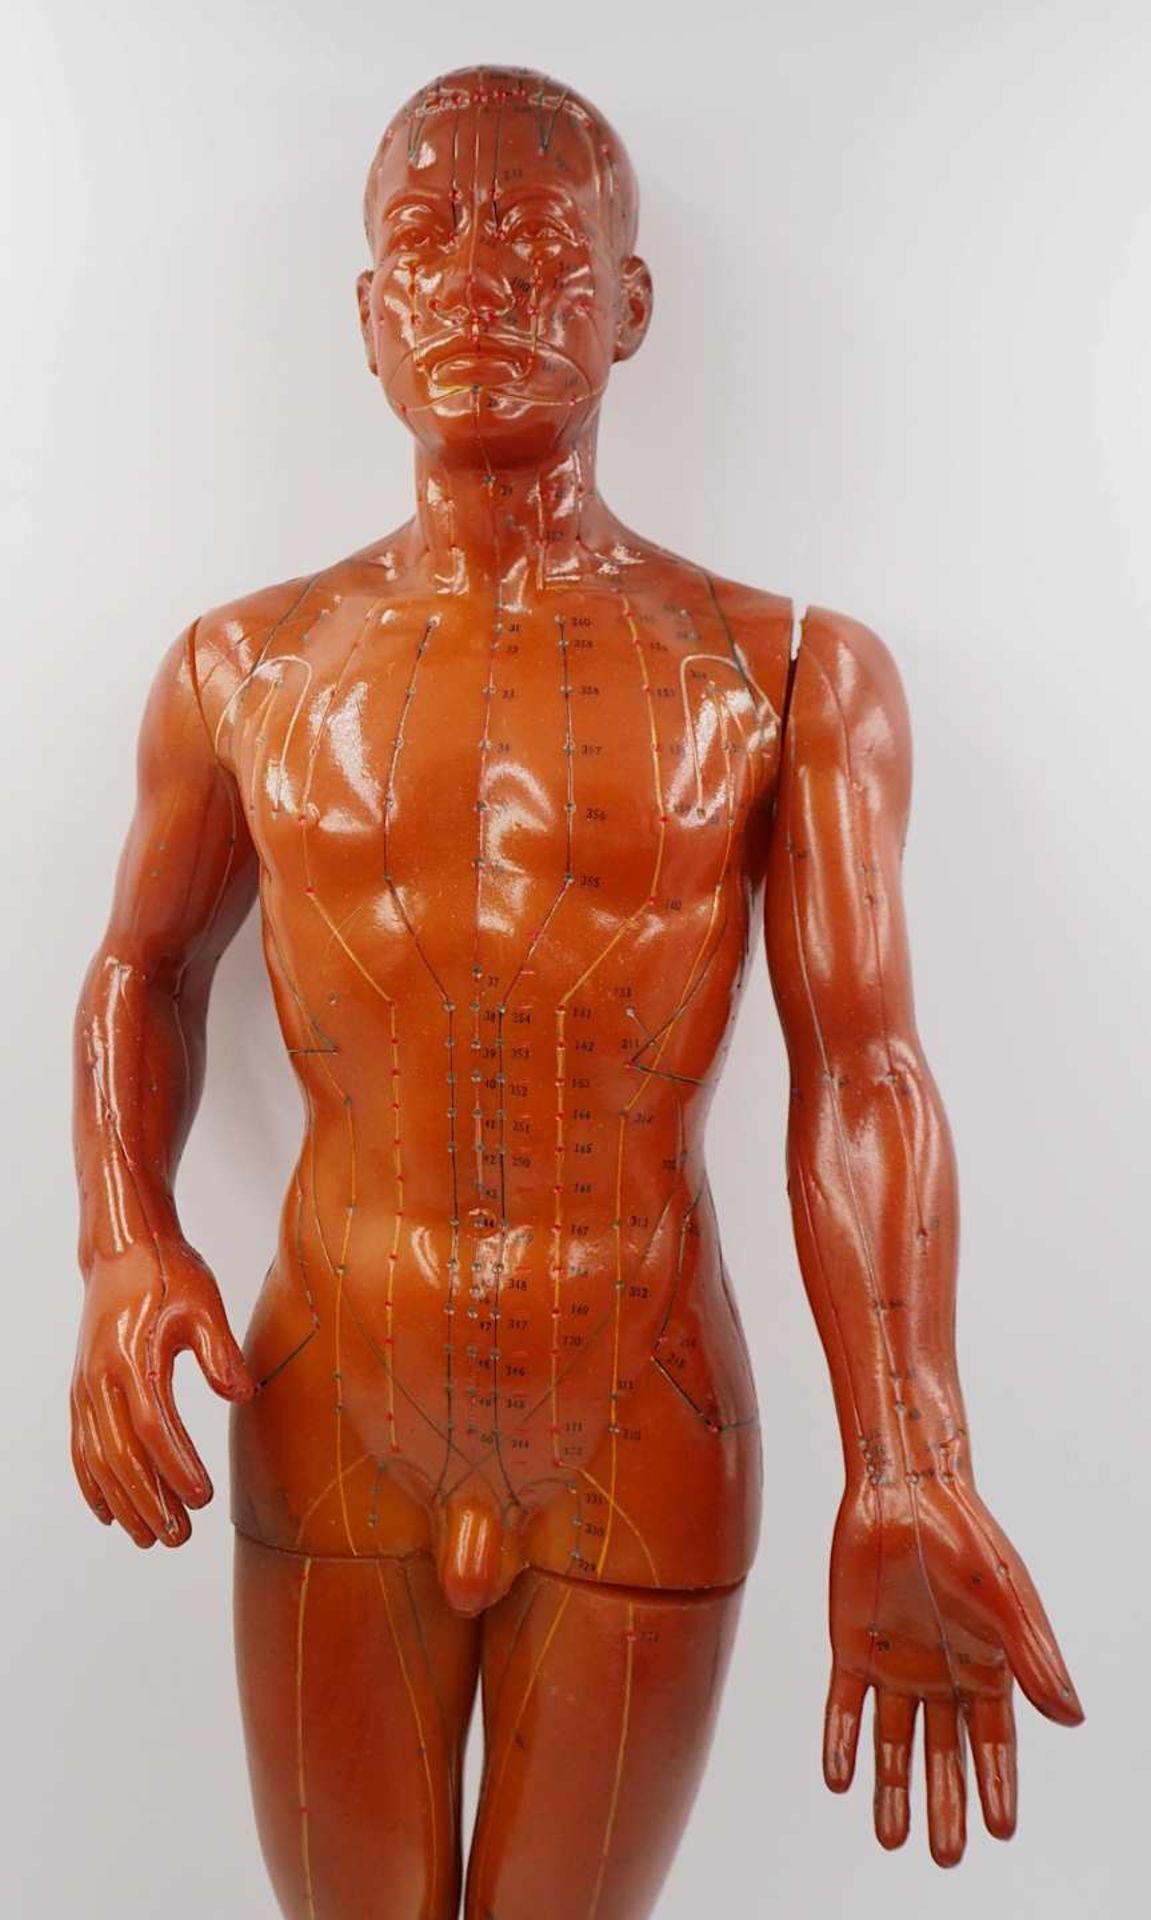 1 Akupunkturpuppe eines Mannes GOOD HEALTH BRAND, wohl Mitte 20. Jh., Japan Kunststoff - Bild 5 aus 7